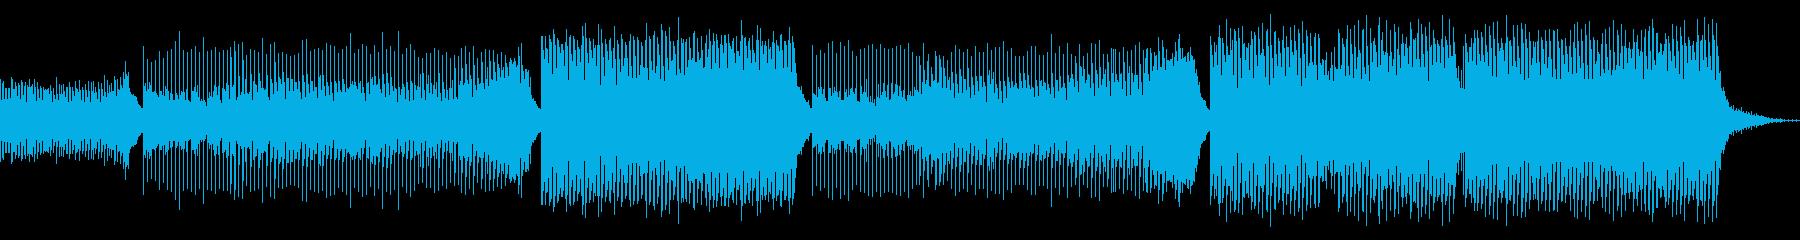 疾走感があるエモーショナルなEDMの再生済みの波形